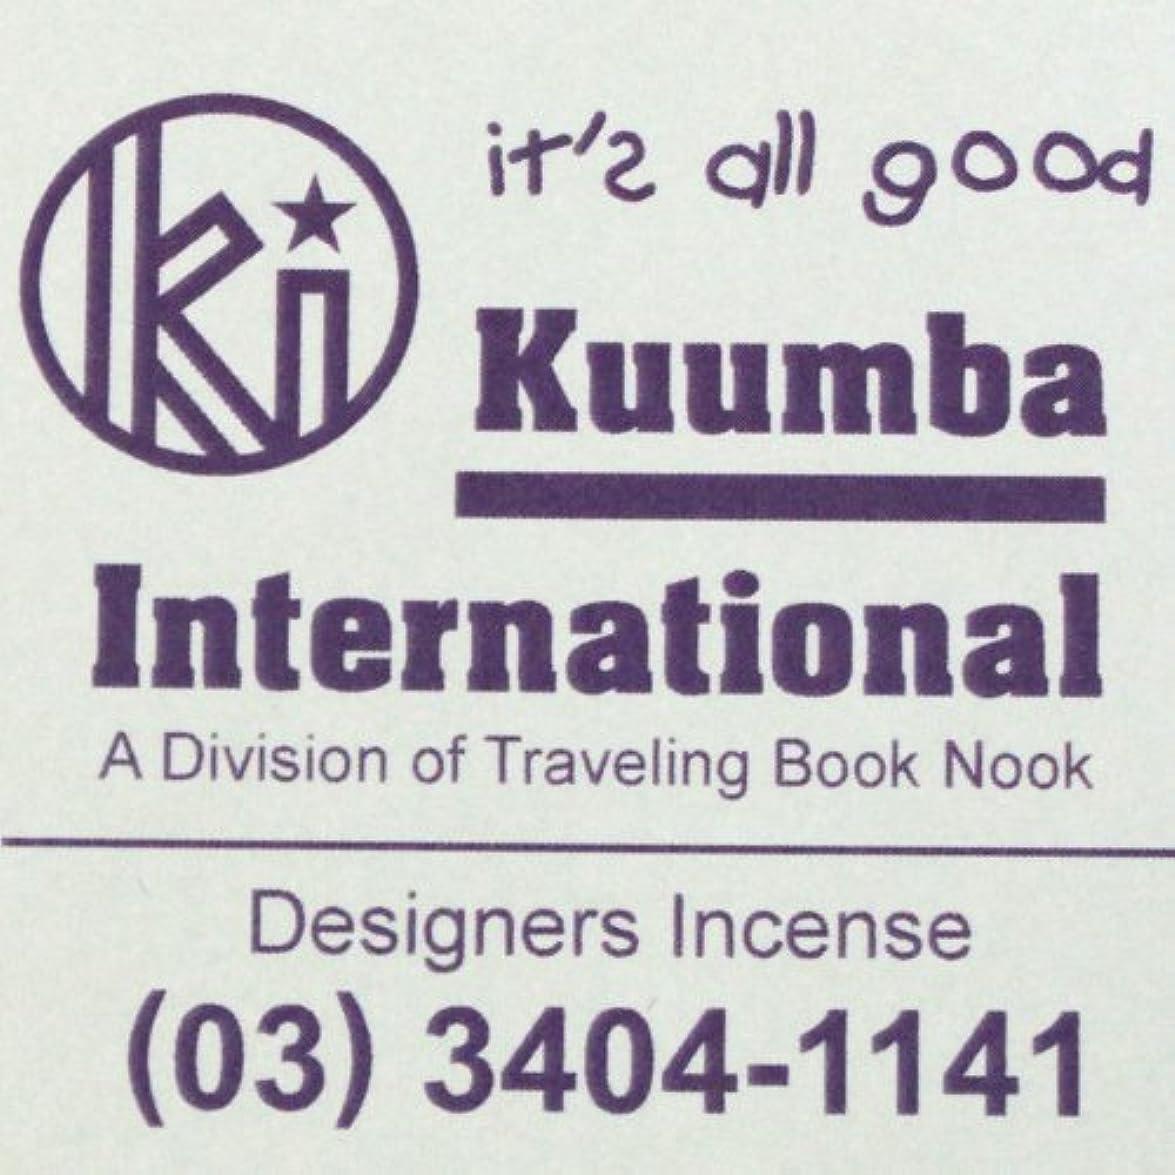 関連付ける司令官ステレオタイプKUUMBA (クンバ)『incense』(it's all good) (Regular size)